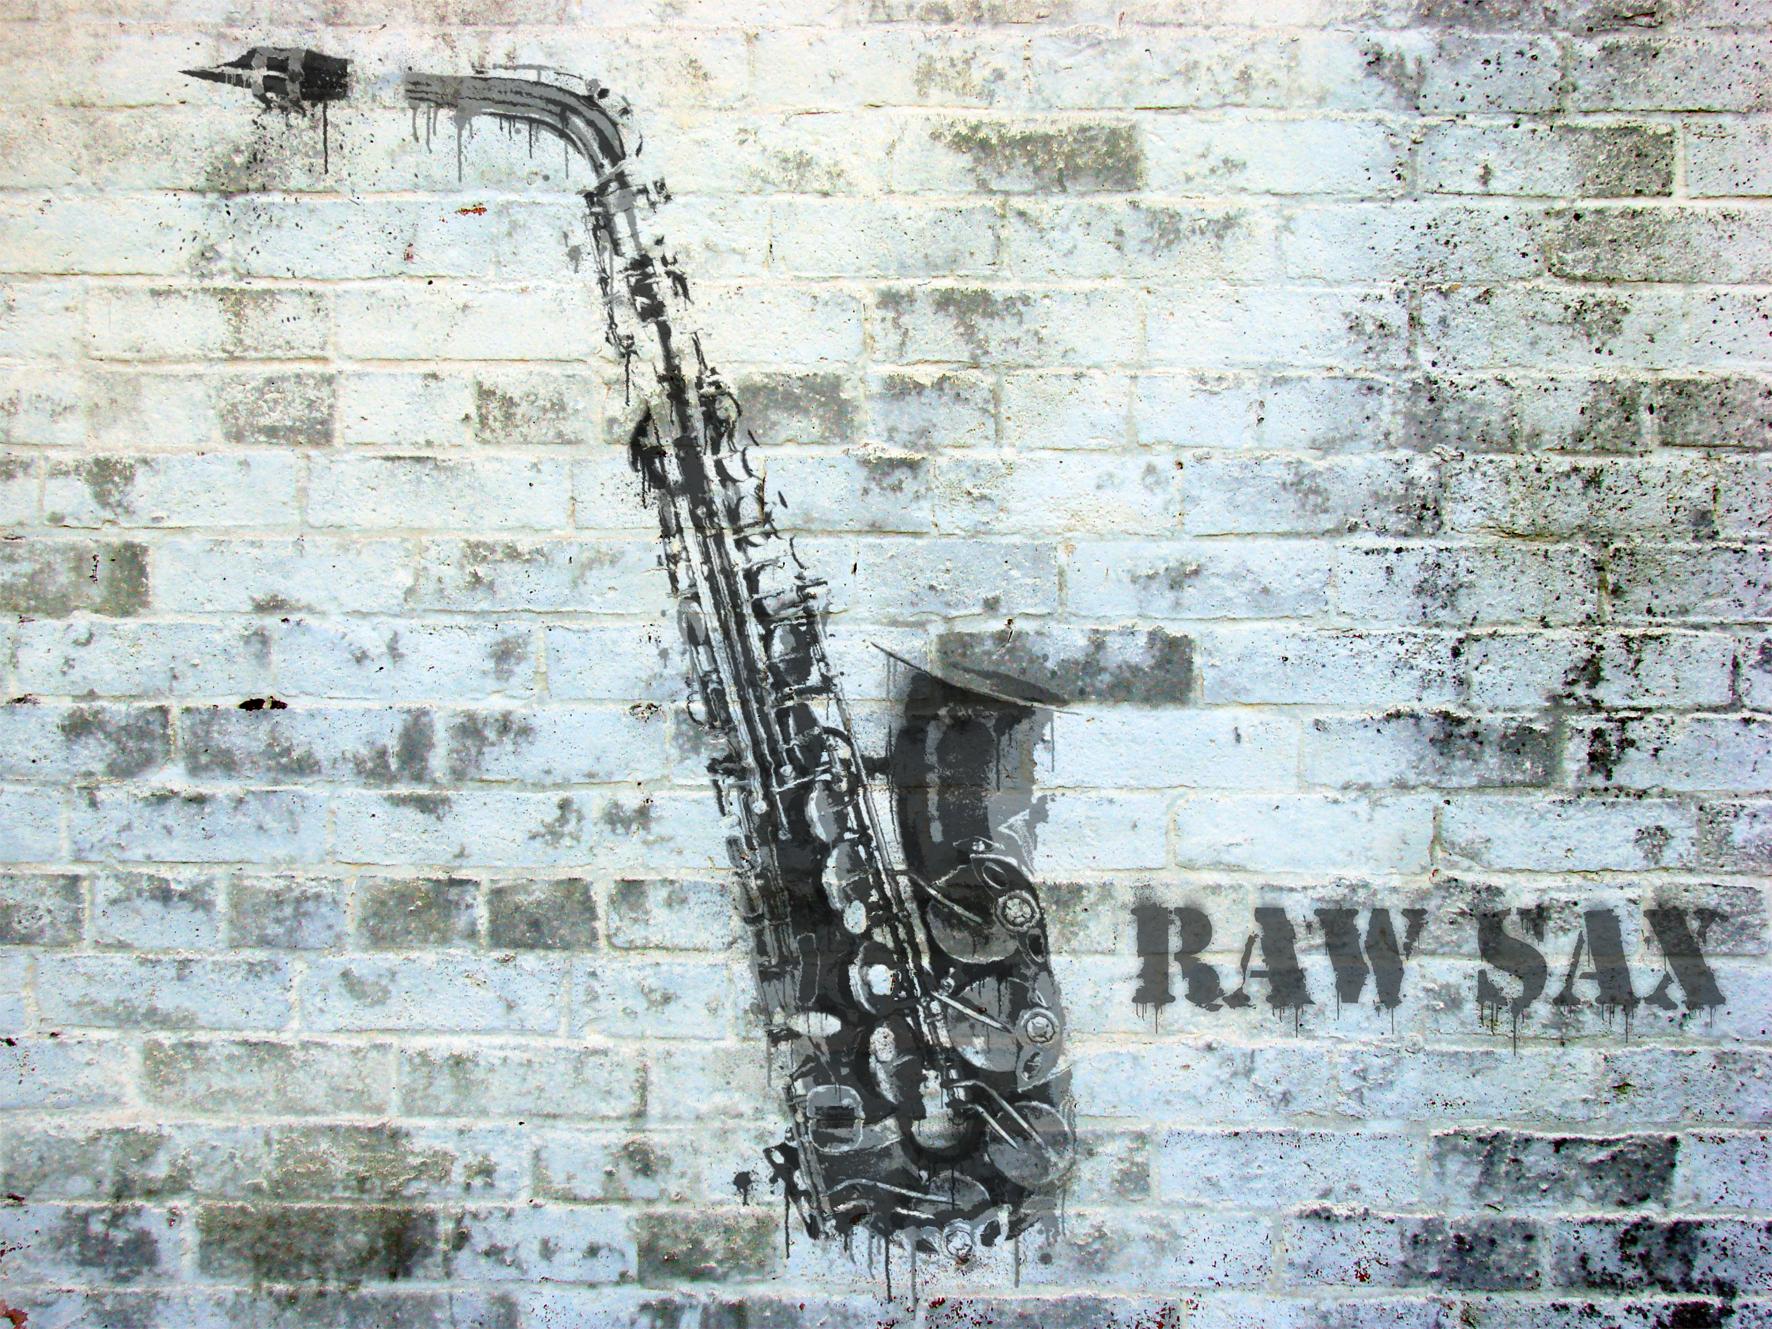 Raw Sax stencil grafitti.jpg